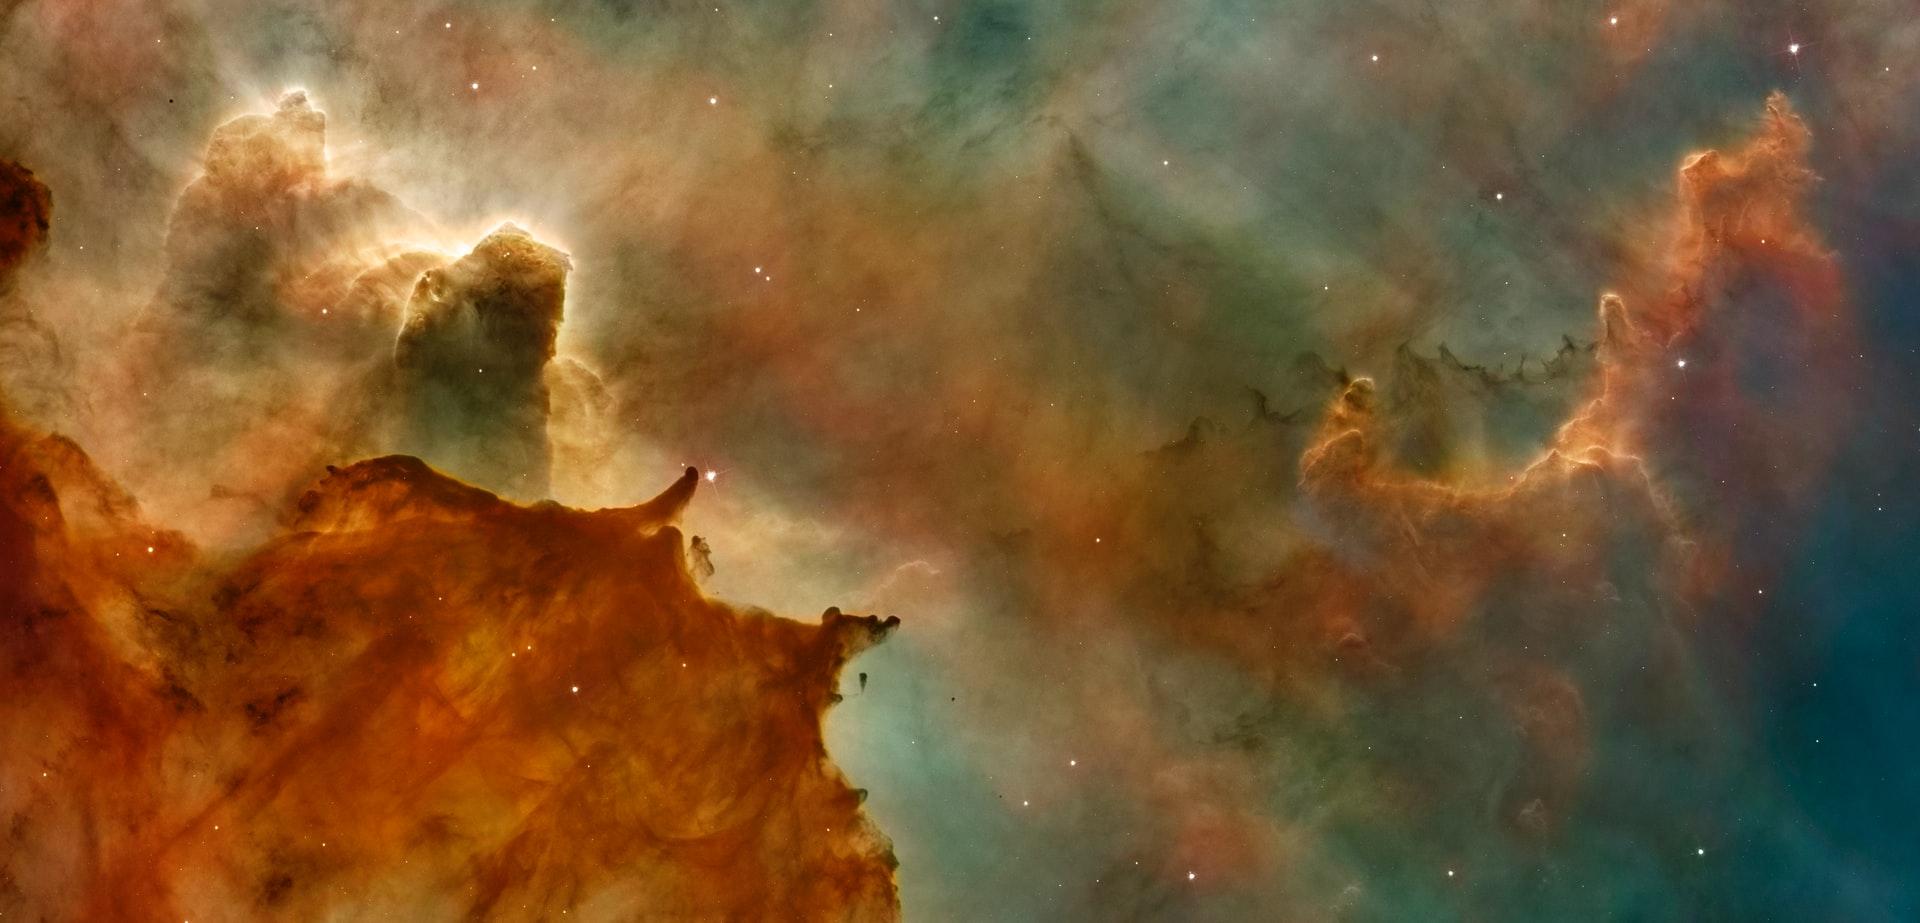 photo du cosmos par la NASA